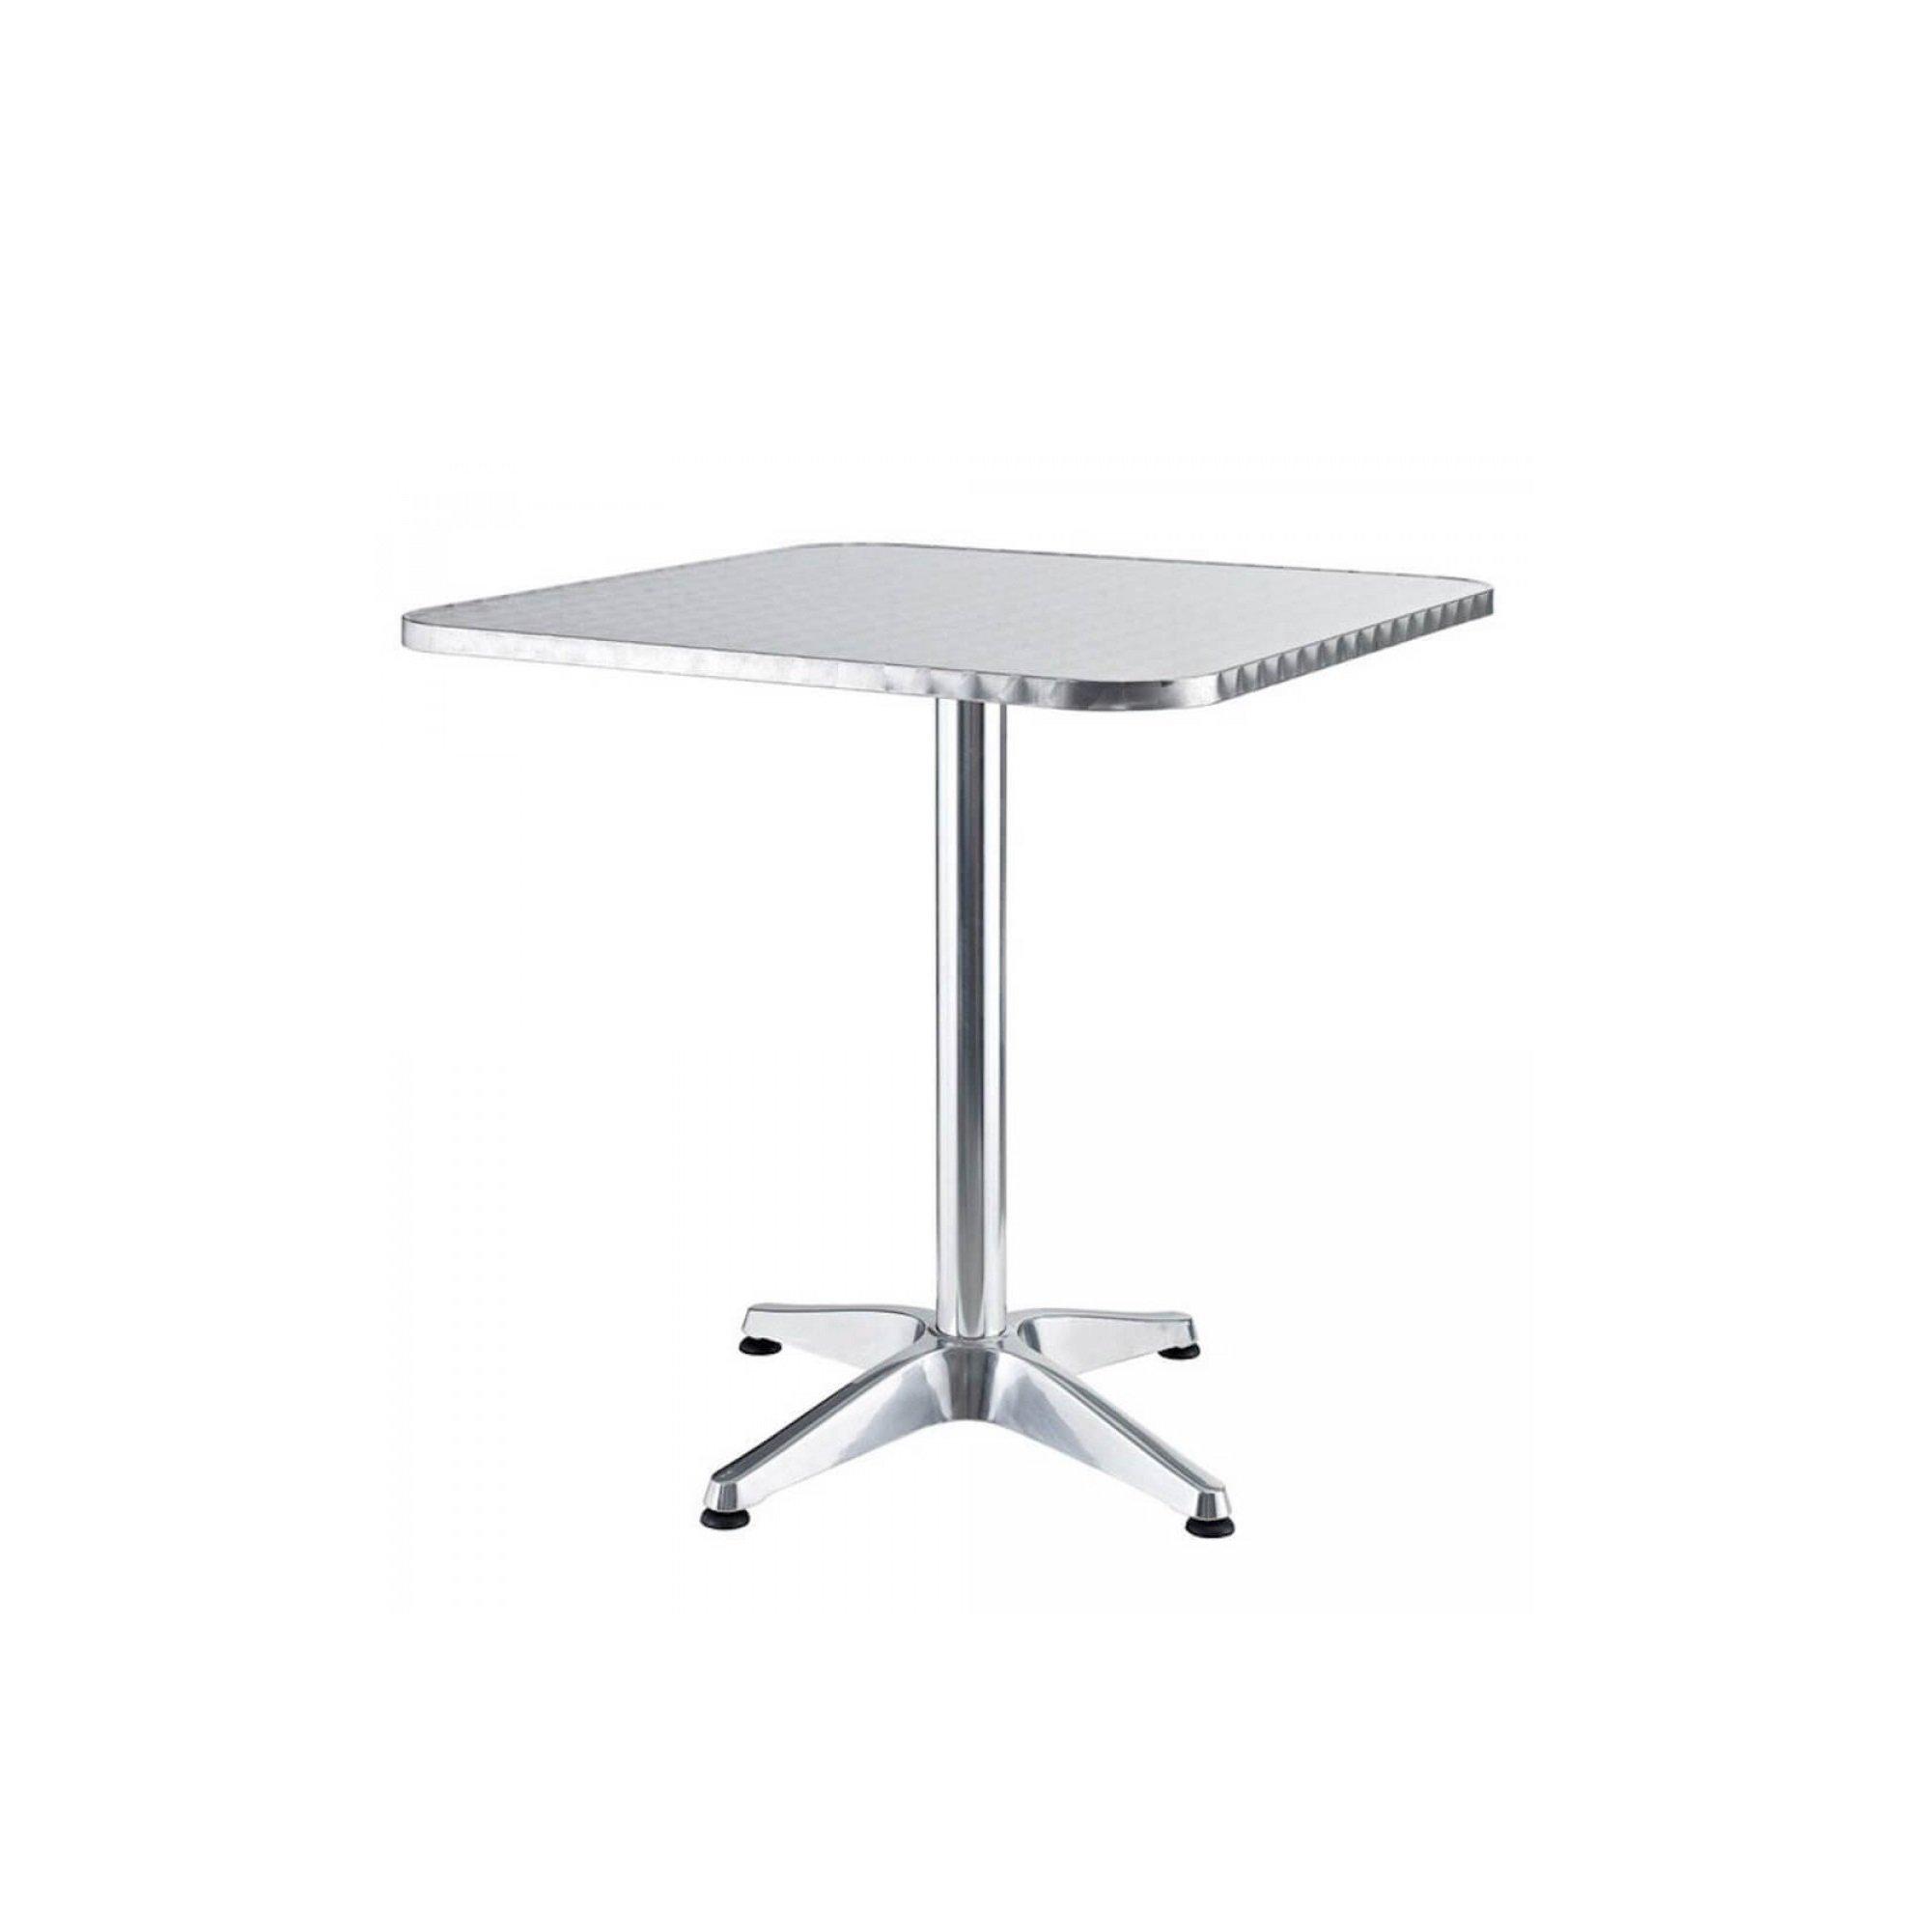 Tavolo Con Piede Centrale dettagli su tavolo tavolino quadrato con piede centrale per bar bistrot in  alluminio 60 x 60